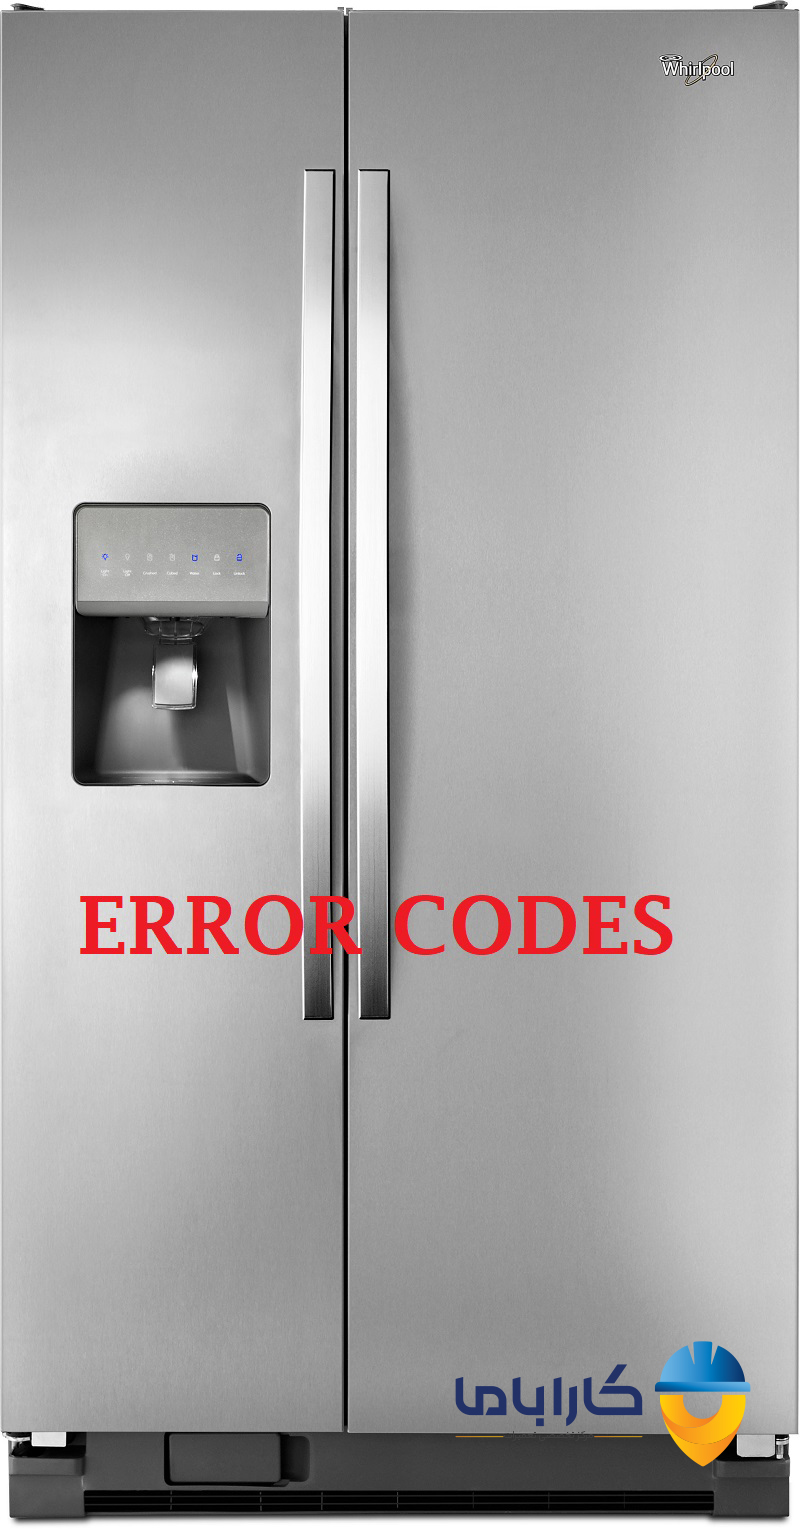 کد خطا یا ارور یخچال ویرپول